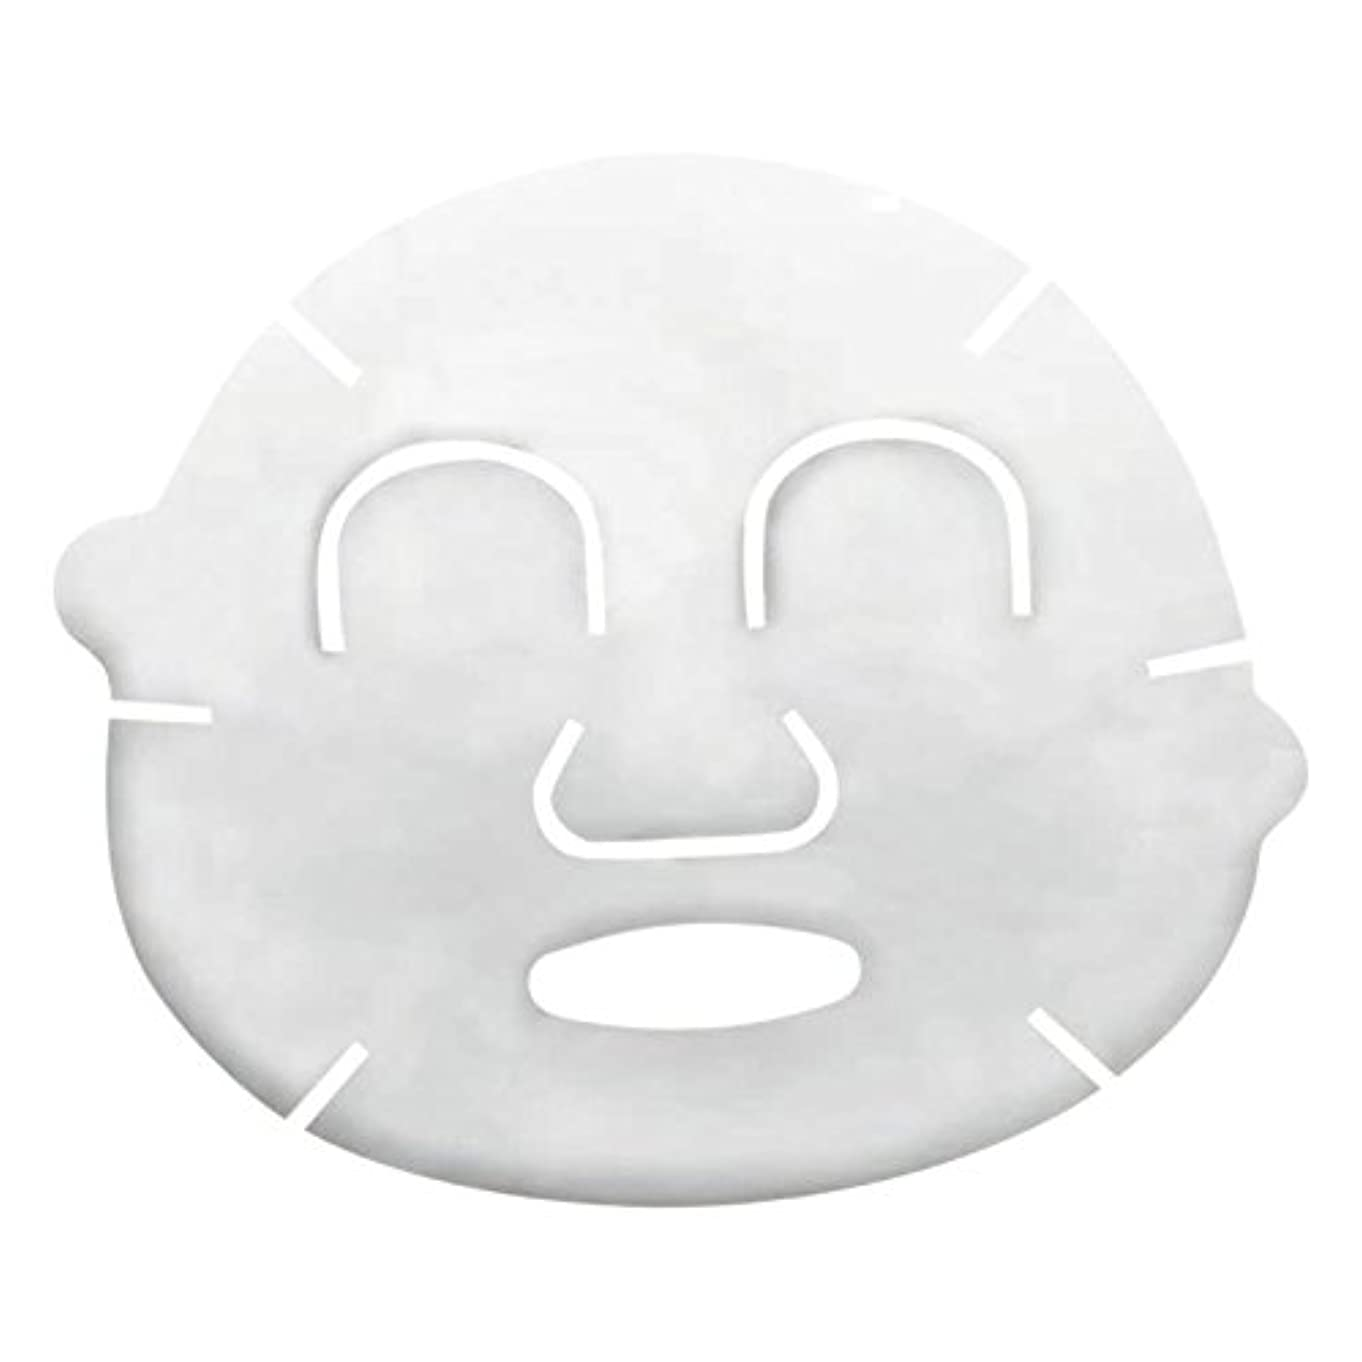 と闘うエリートへこみシャーロットティルバリーマルチ奇跡のグロークレンザーマスク&バーム100ミリリットル (Charlotte Tilbury) (x6) - Charlotte Tilbury Multi-Miracle Glow Cleanser Mask & Balm 100ml (Pack of 6) [並行輸入品]